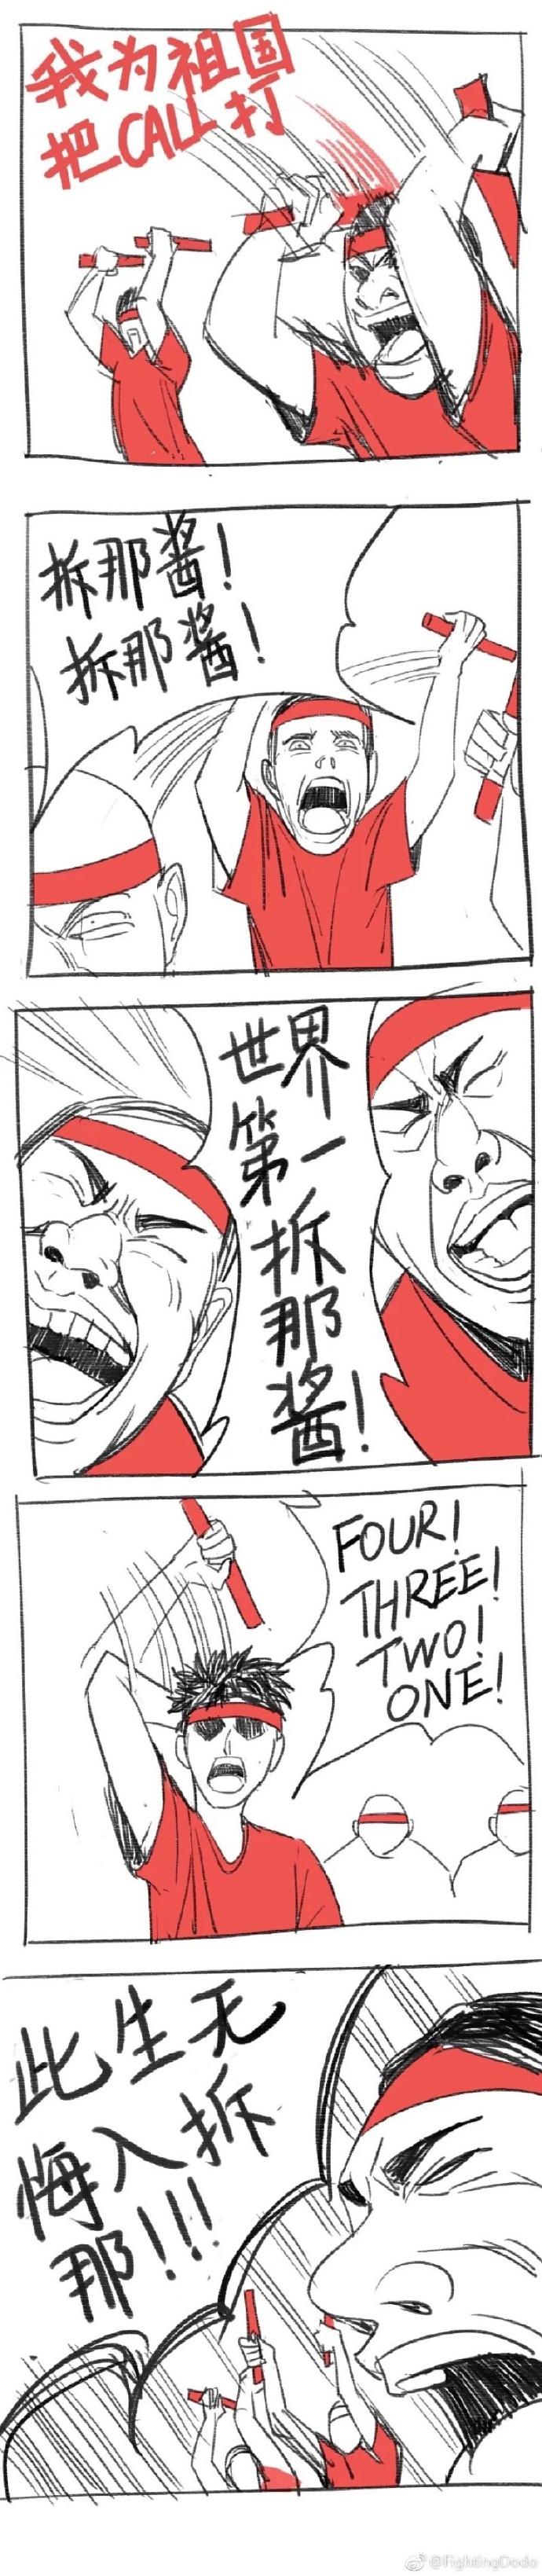 【麻辣总局】一套社会主义特色打Call